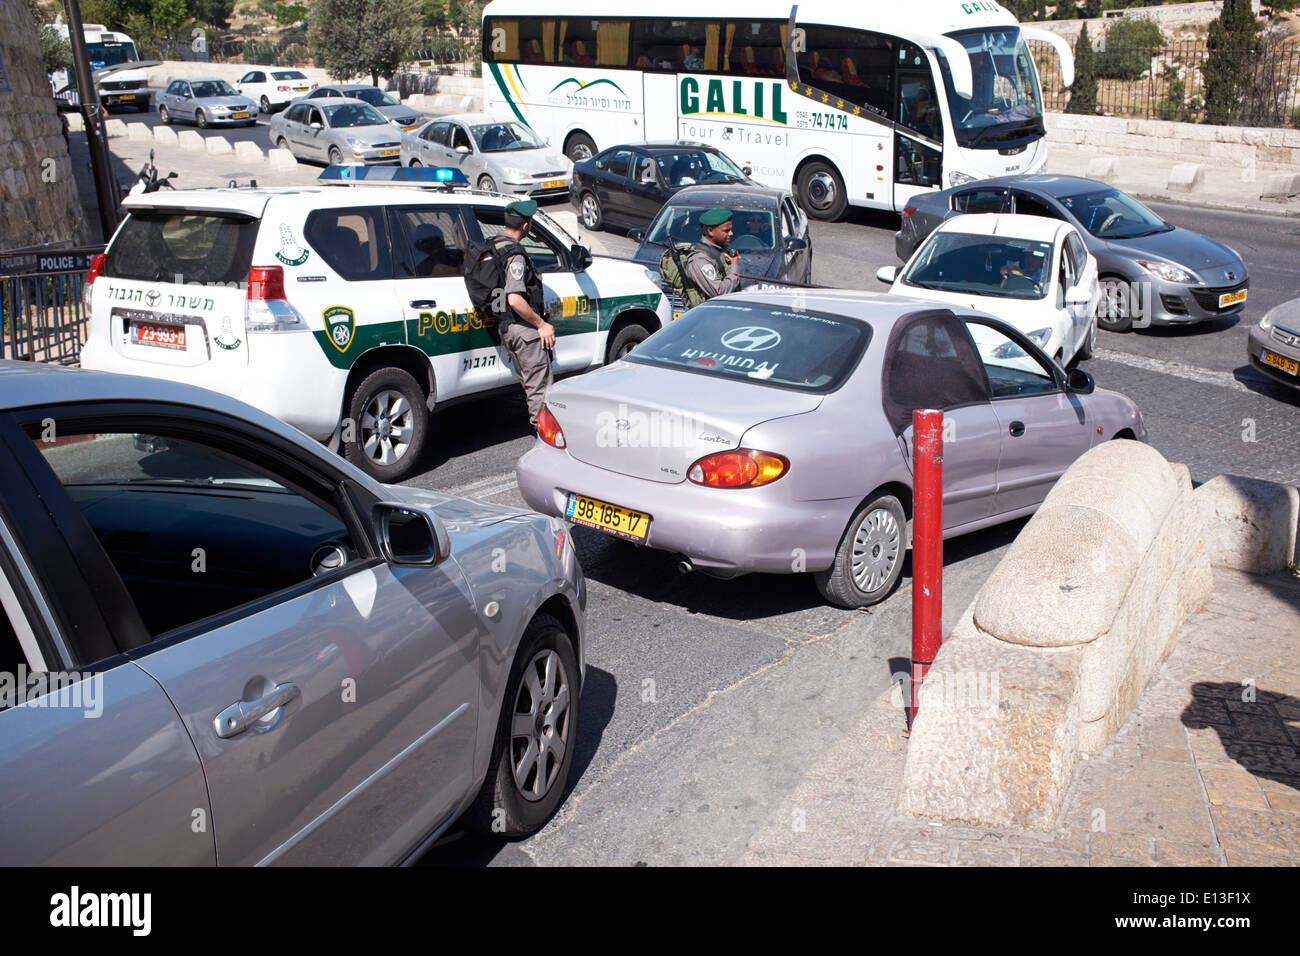 Stau mit Polizei-Präsenz in der Nähe der alten Stadt von Jerusalem, Israel Stockbild